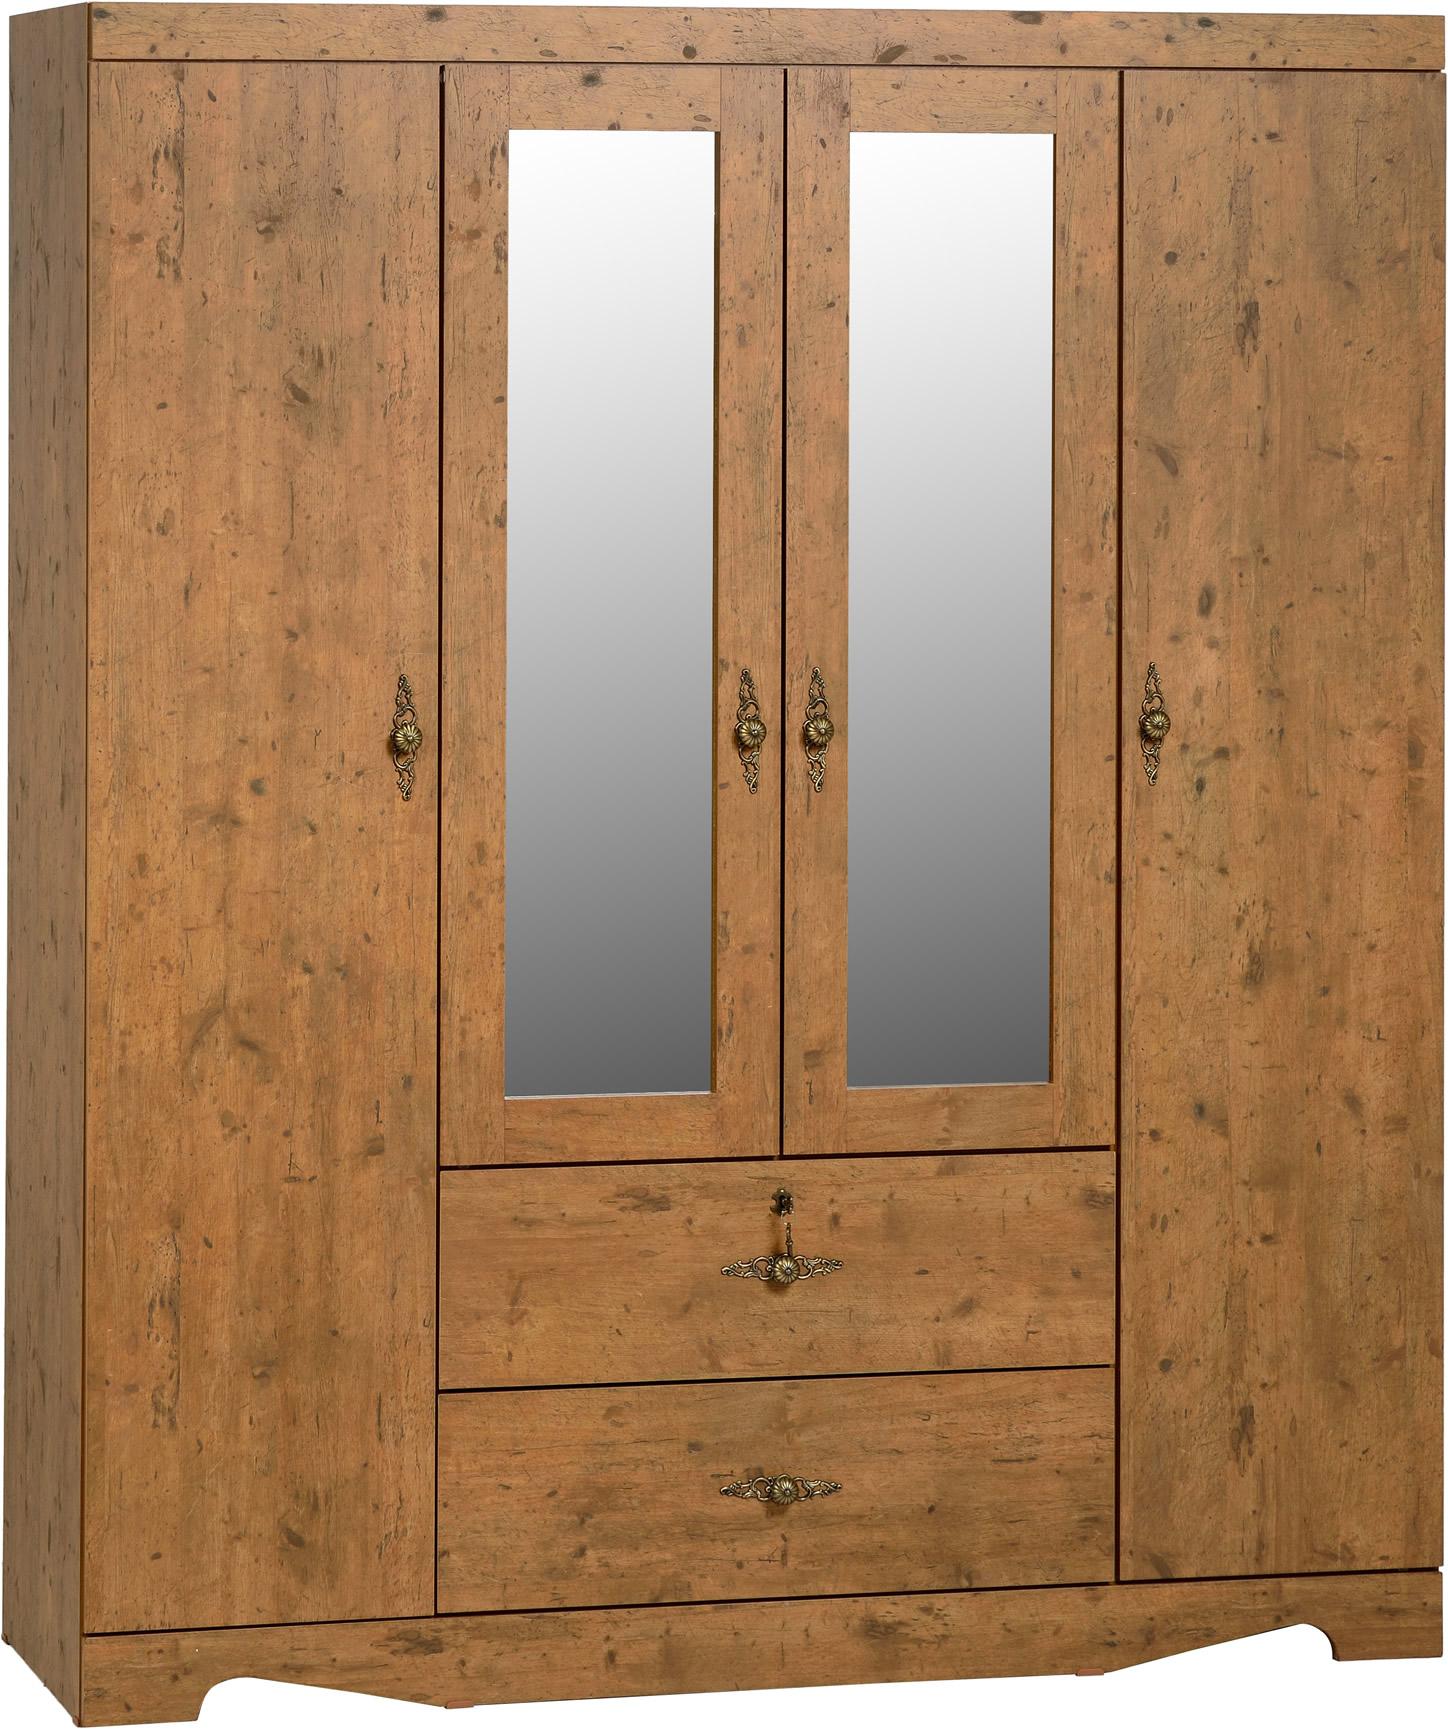 Cairo 4 Door 2 Drawer Mirrored Wardrobe